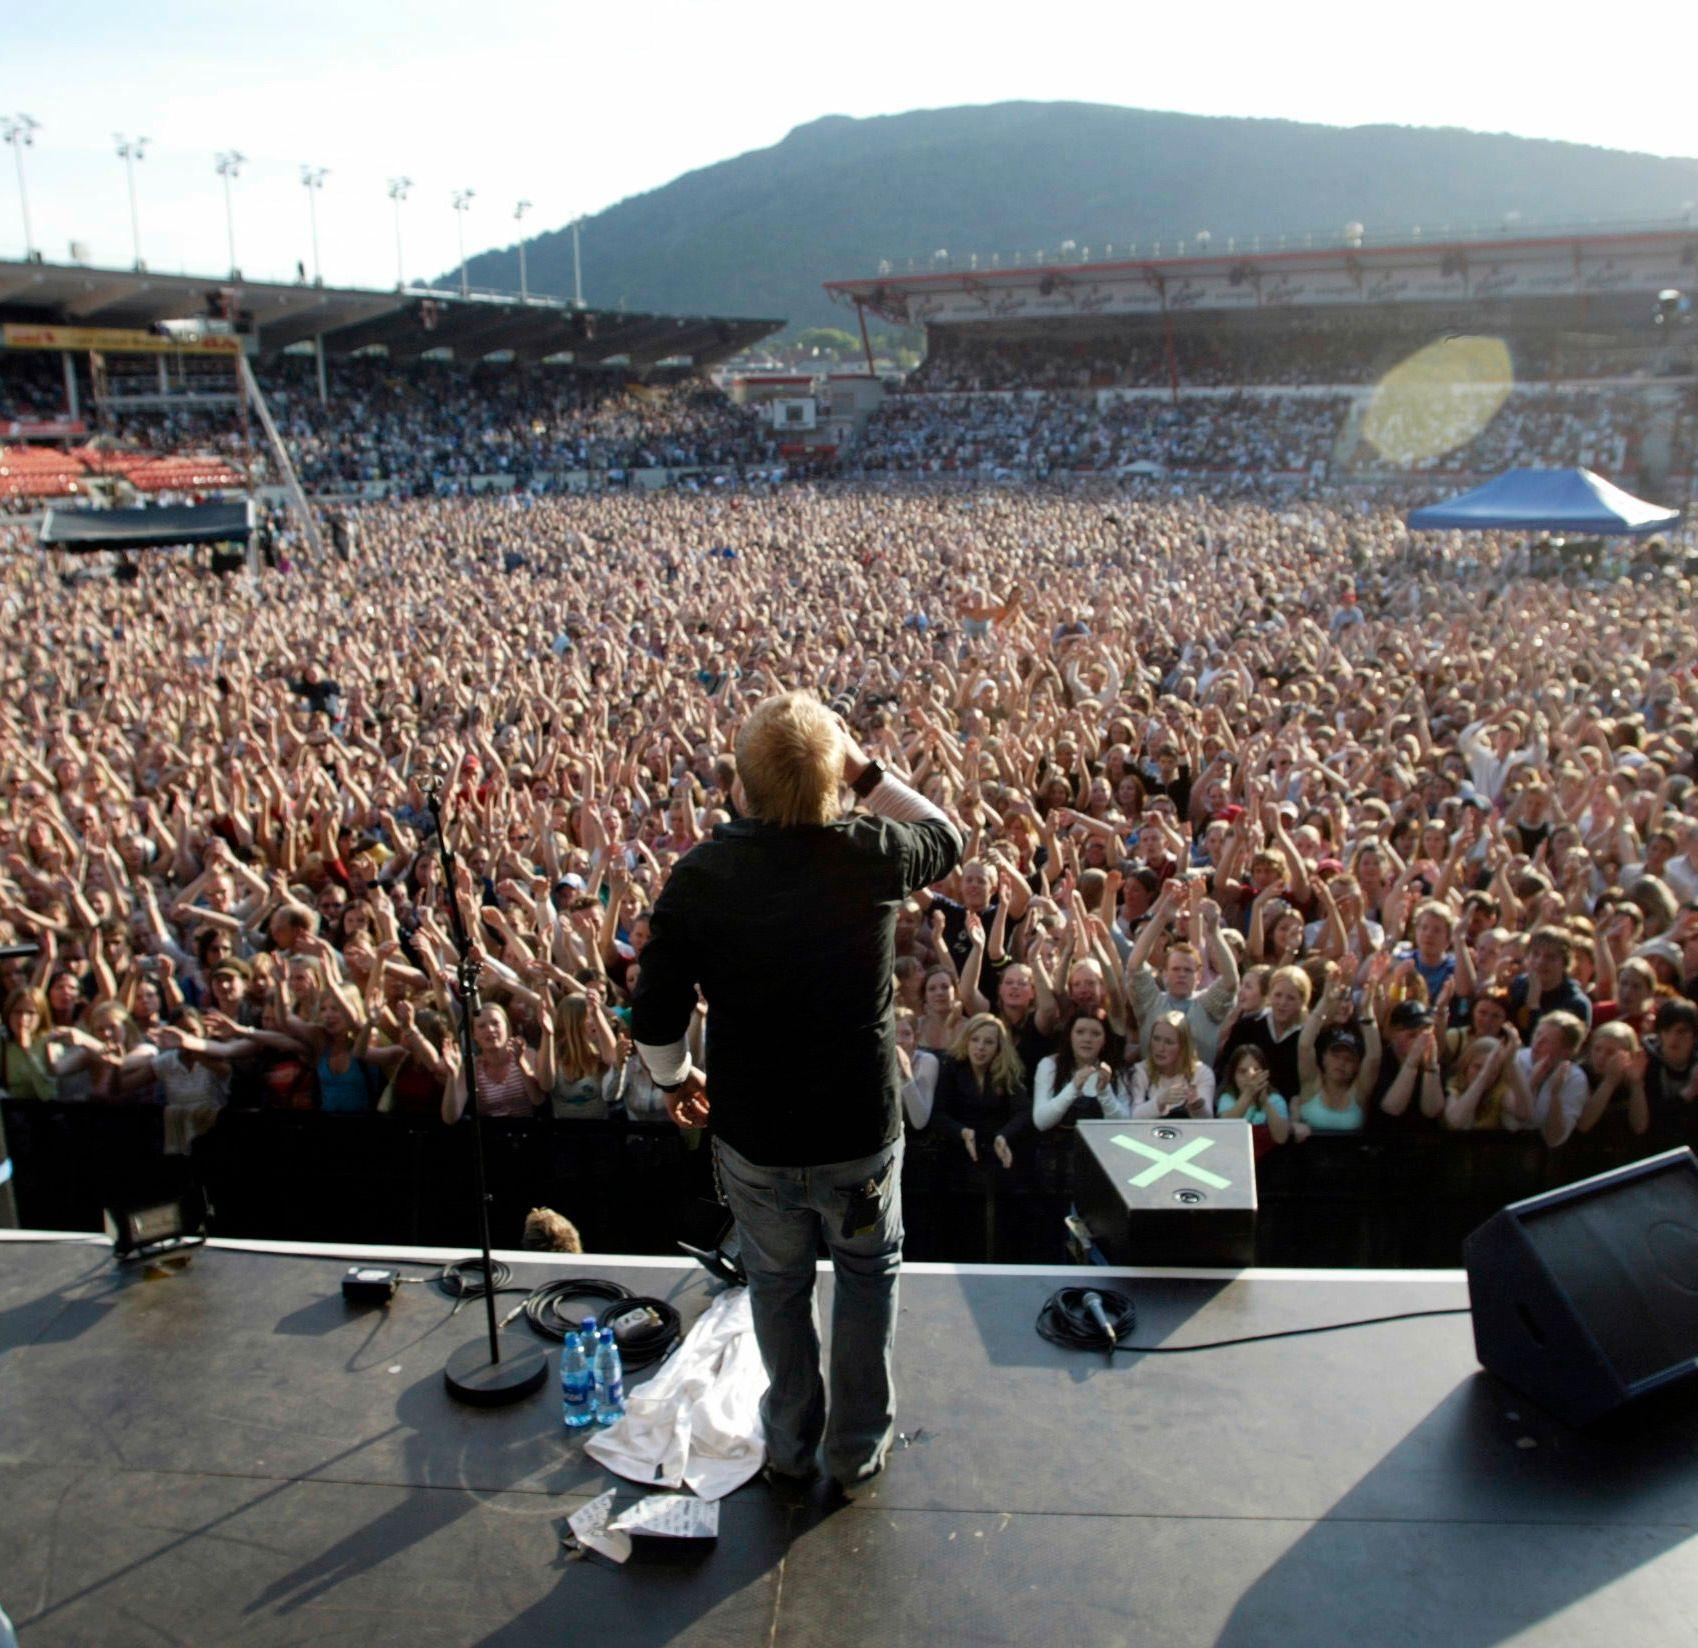 TRENGER TURNÉ: Kurt Nilsen genererer mye platesalg på konserter, mener hans manager. Her er Nilsen på Brann Stadion i 2004. Foto: BJØRN ERIK LARSEN